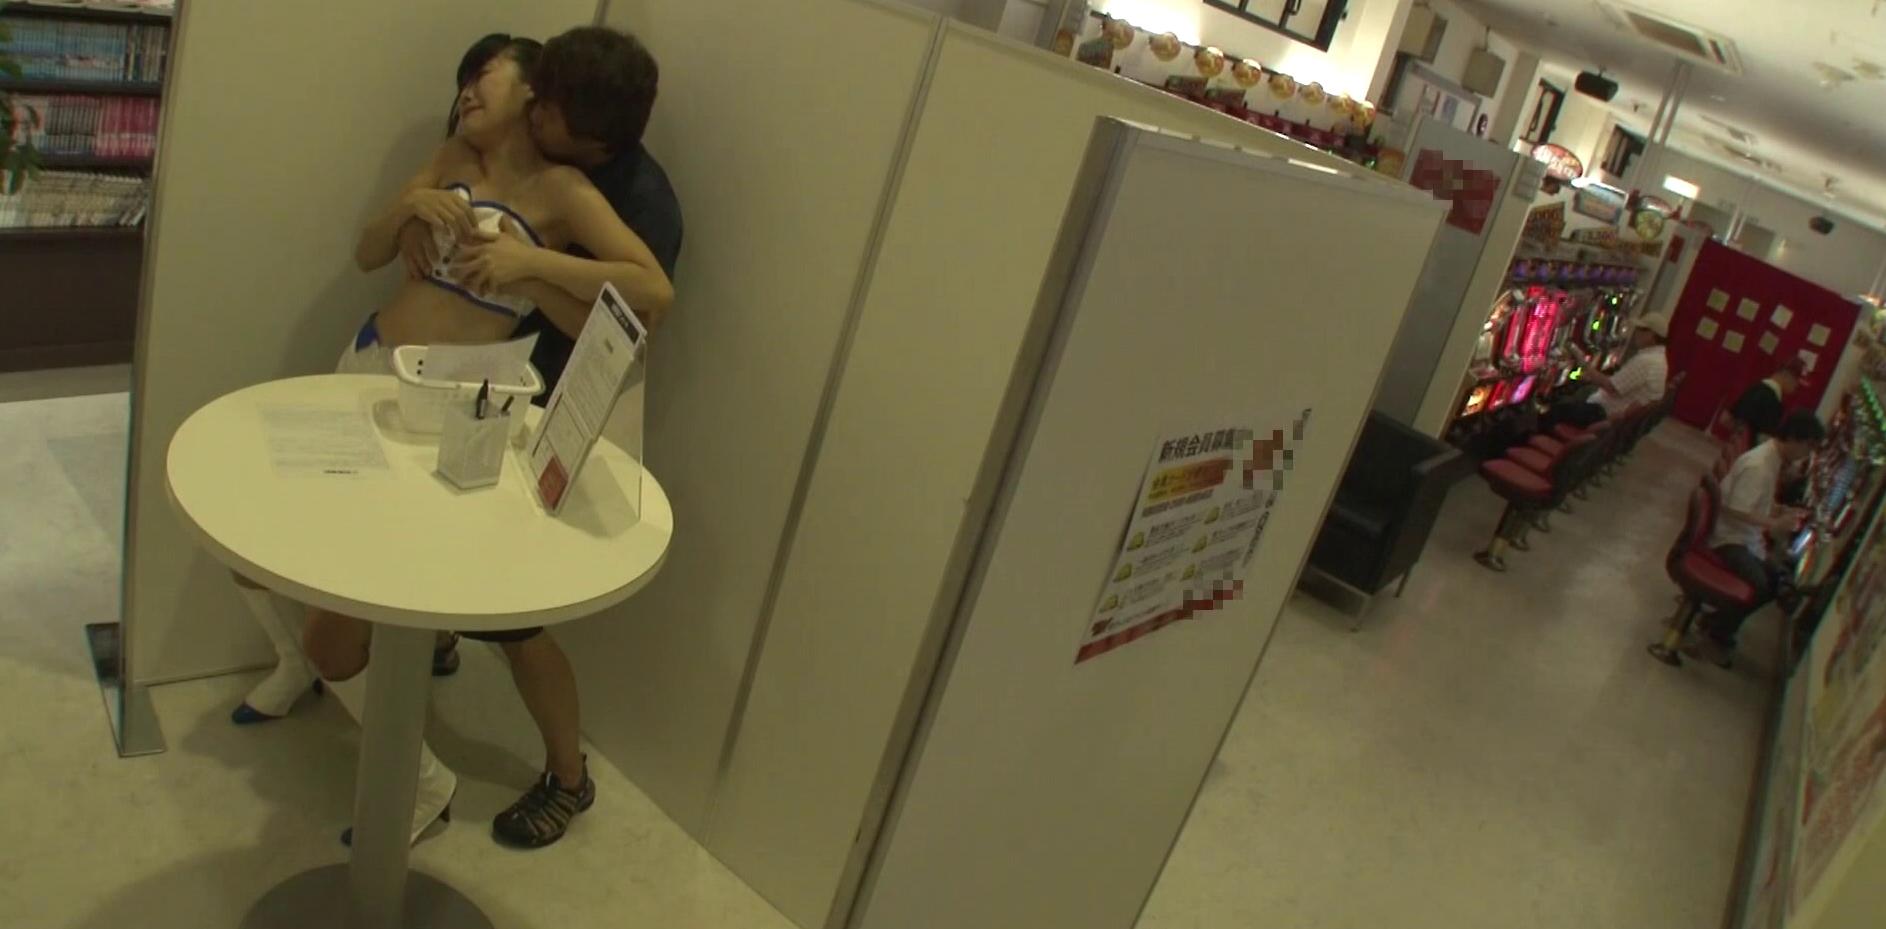 【画像あり】パチンコ店でヤって稼ぐ人妻さん、激エロすぎワロタ。。ワロタ。。・13枚目